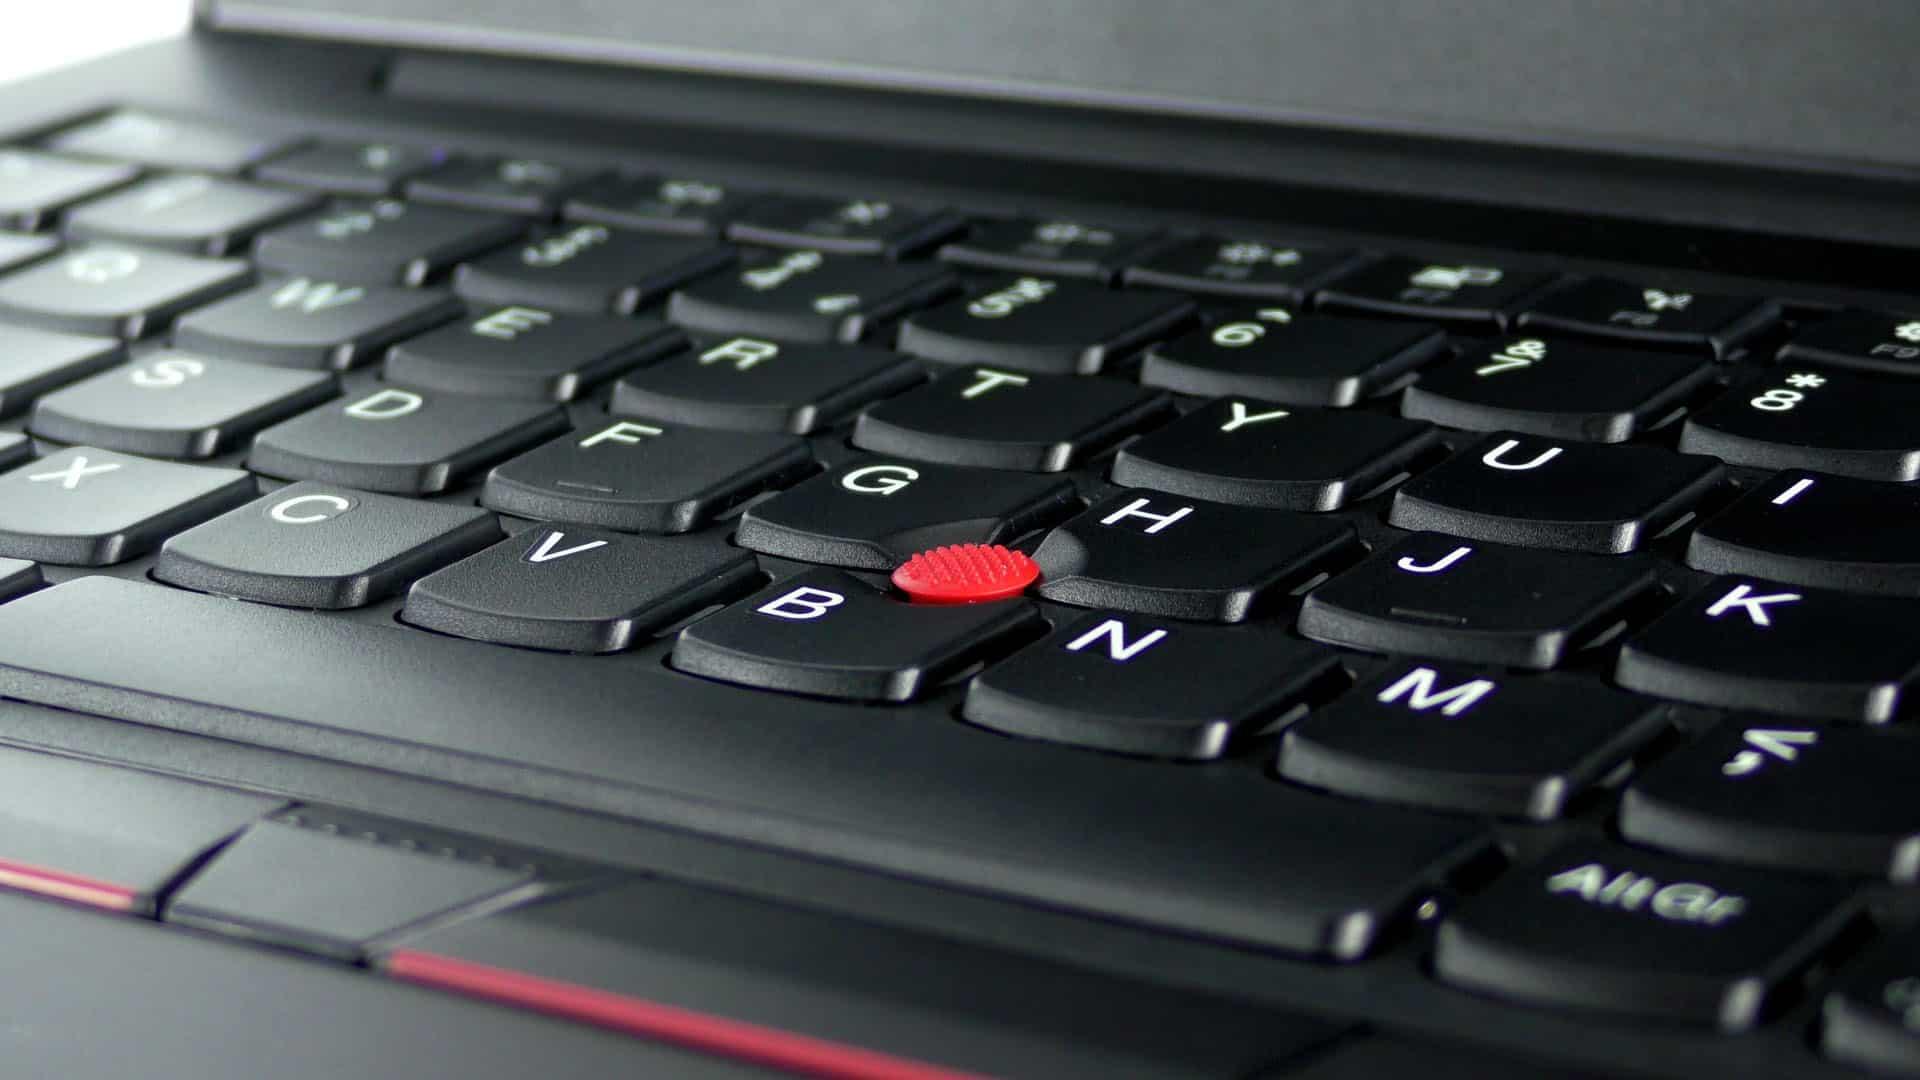 Lenovo ThinkPad E480 - trackpoint